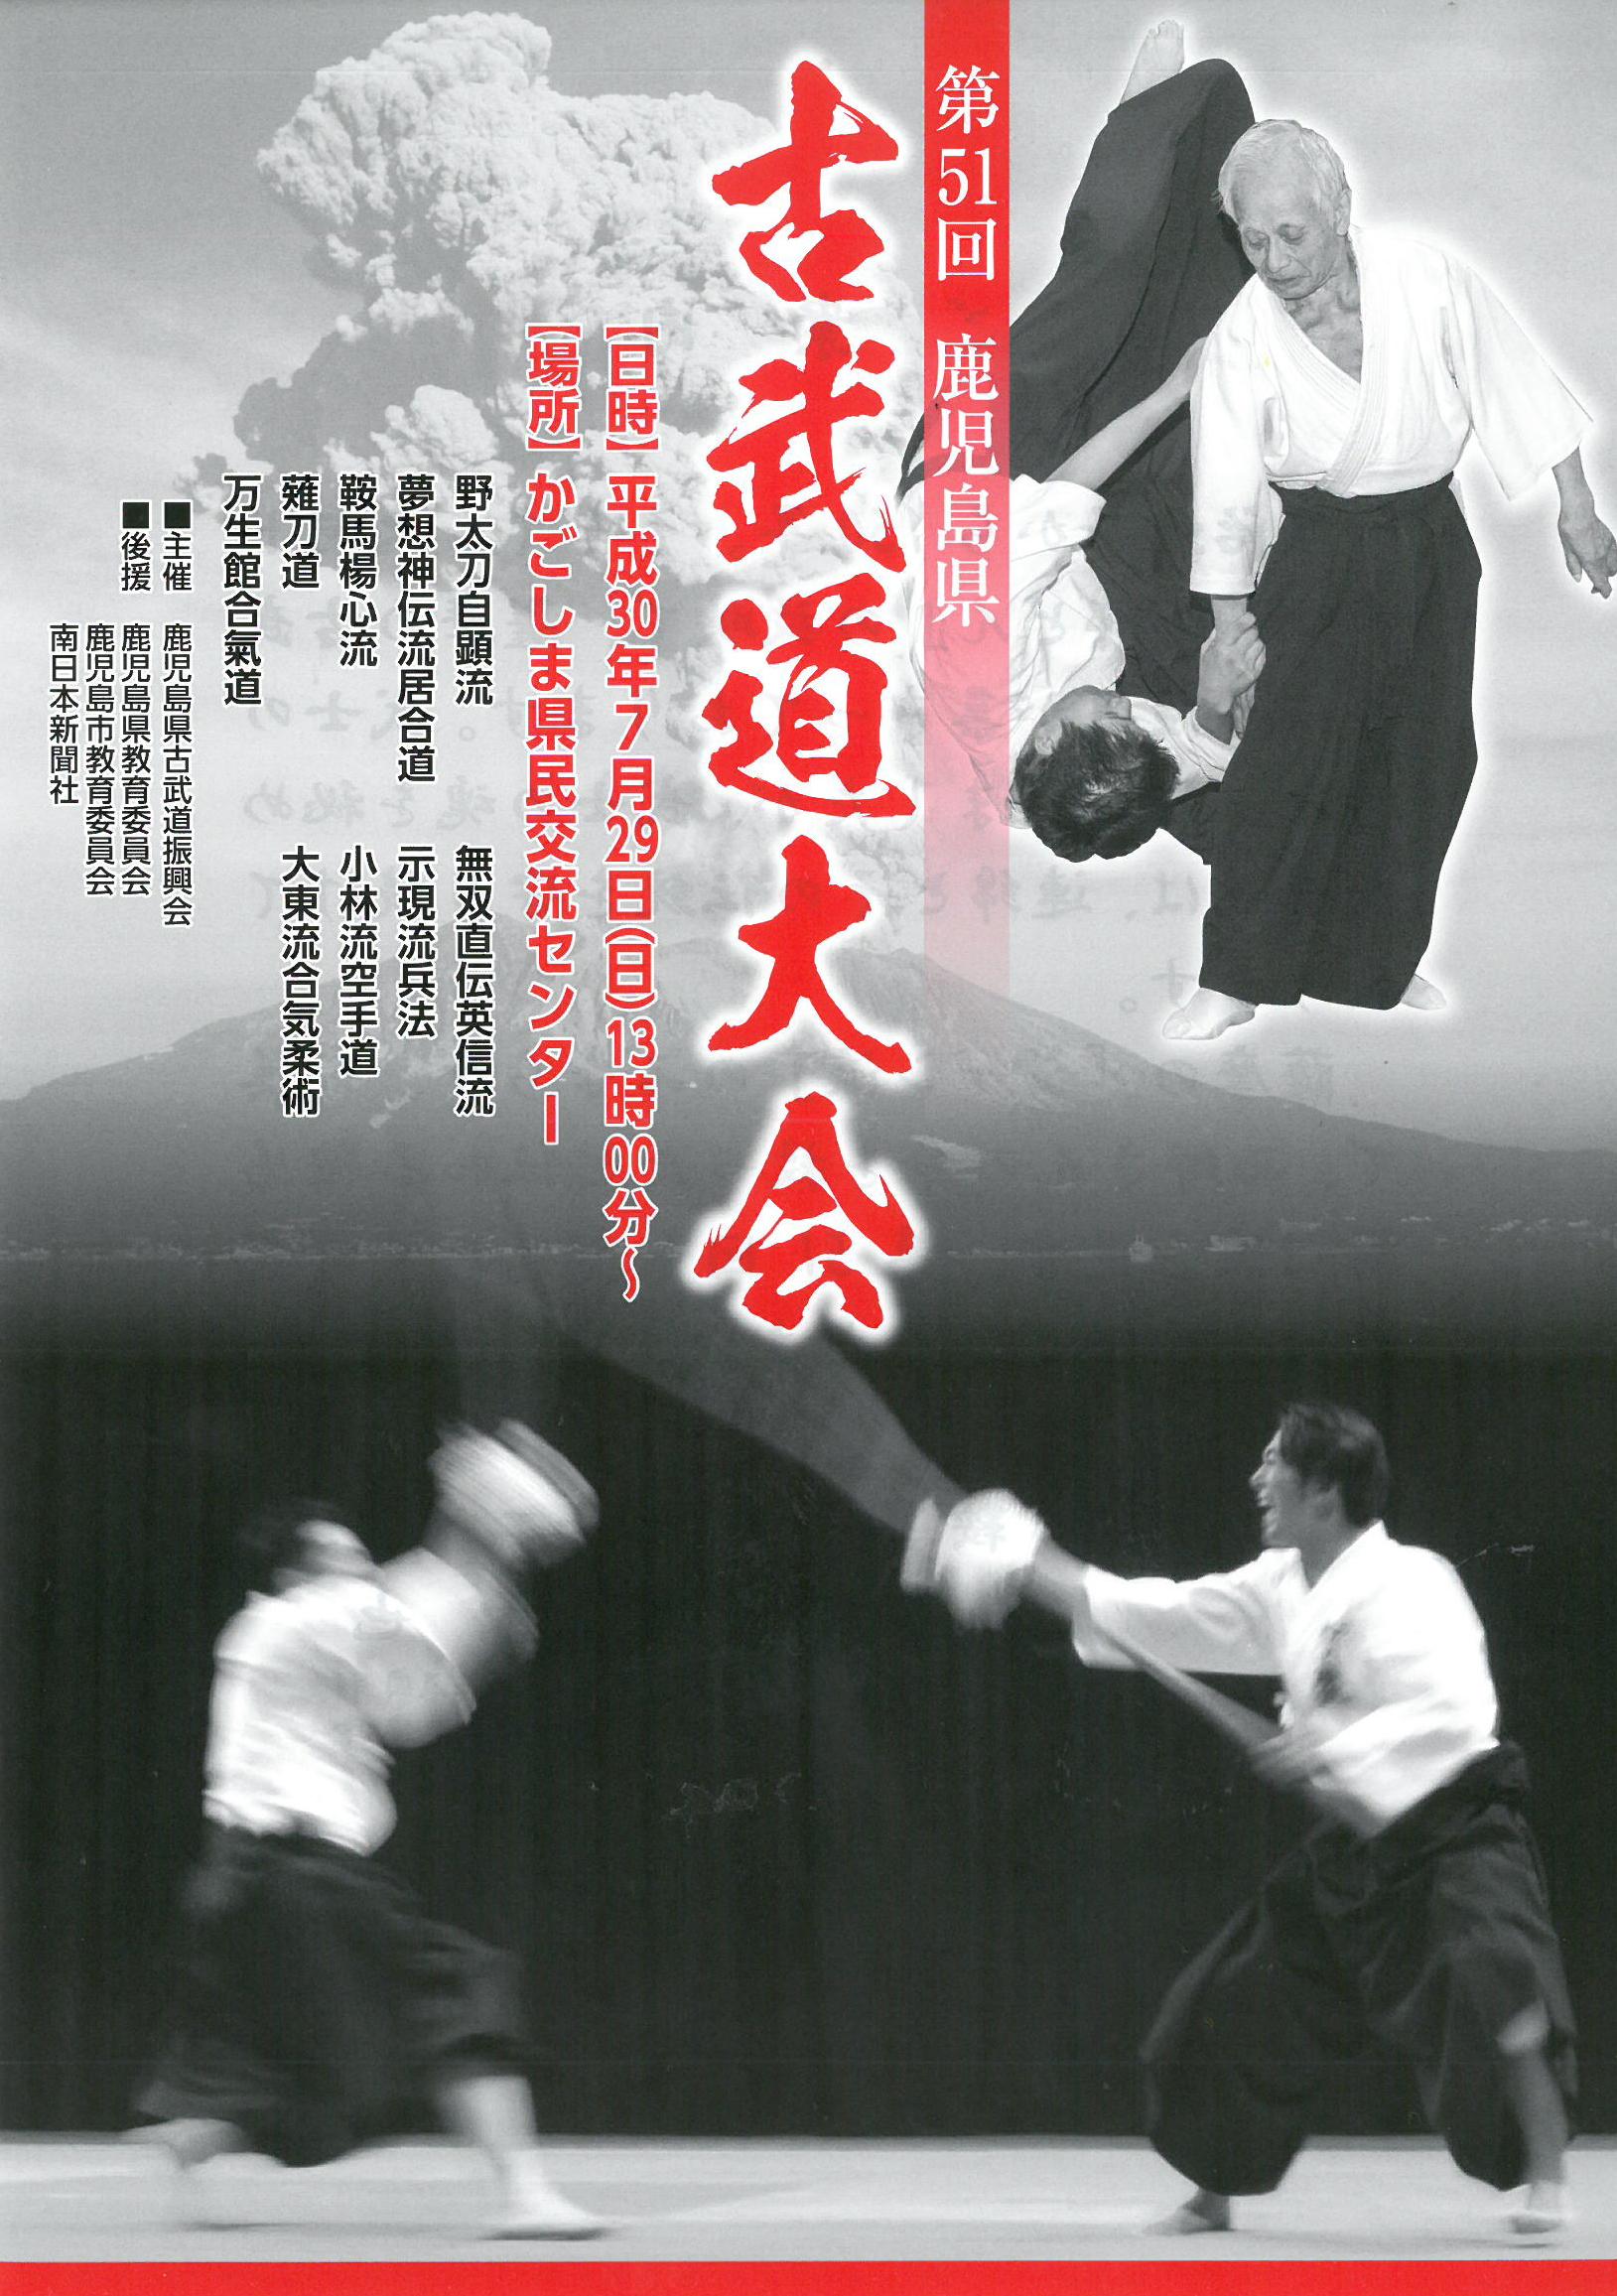 第51回 鹿児島県古武道大会 2018.07.29